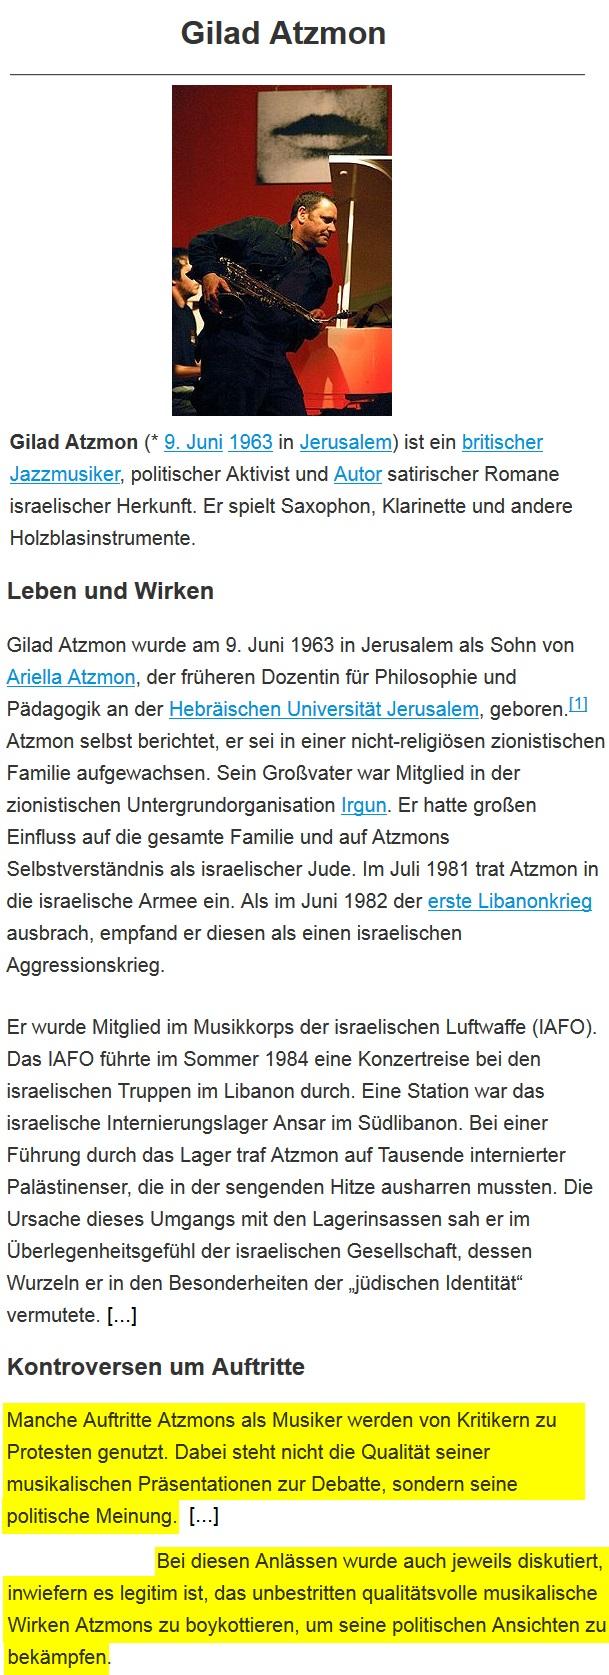 2017_06_24_21_43_14_Gilad_Atzmon_Wikipedia